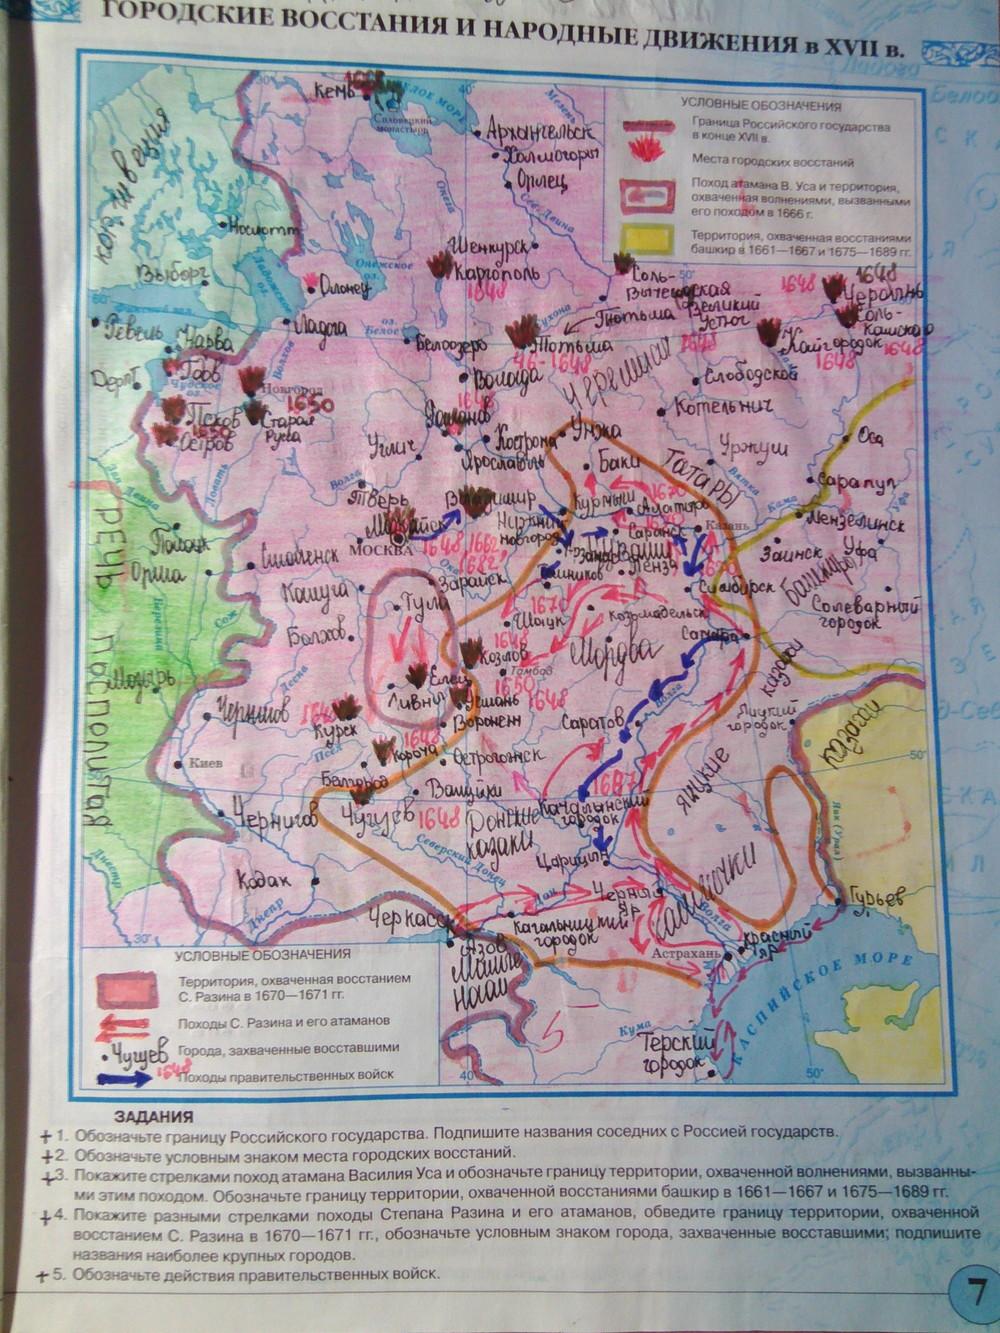 решебник контурных карт по истории россии